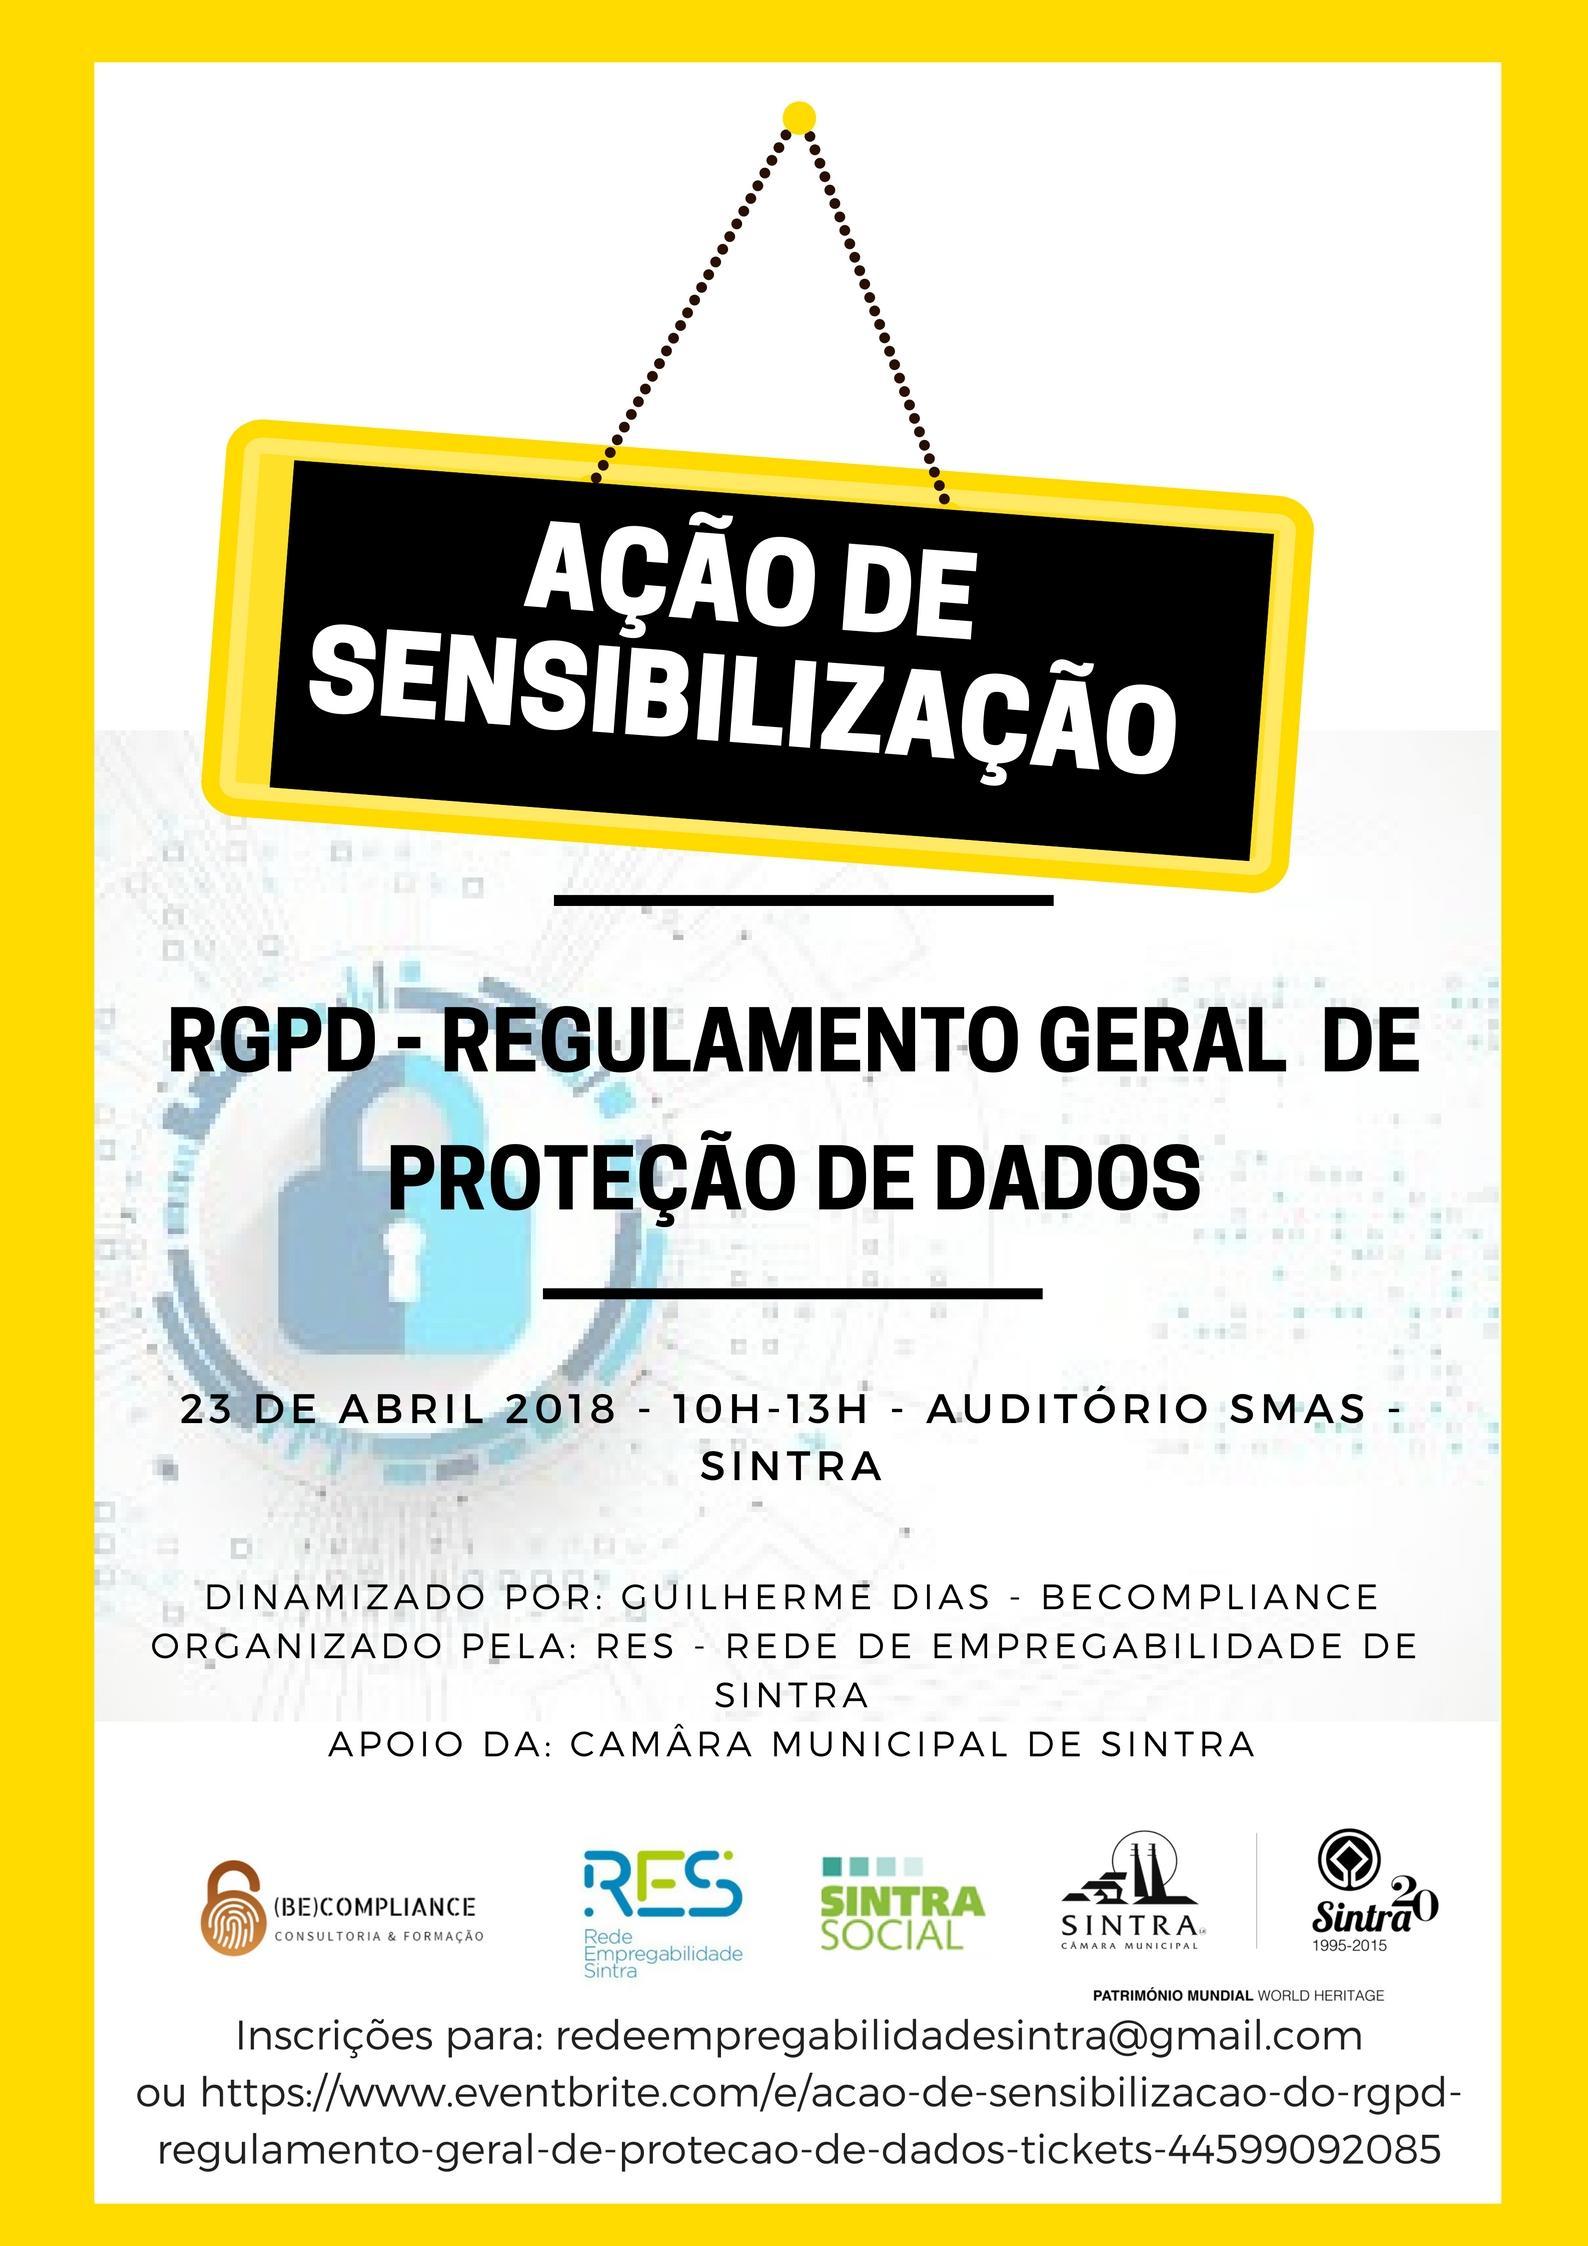 Ação de Sensibilização do RGPD - Regulamento